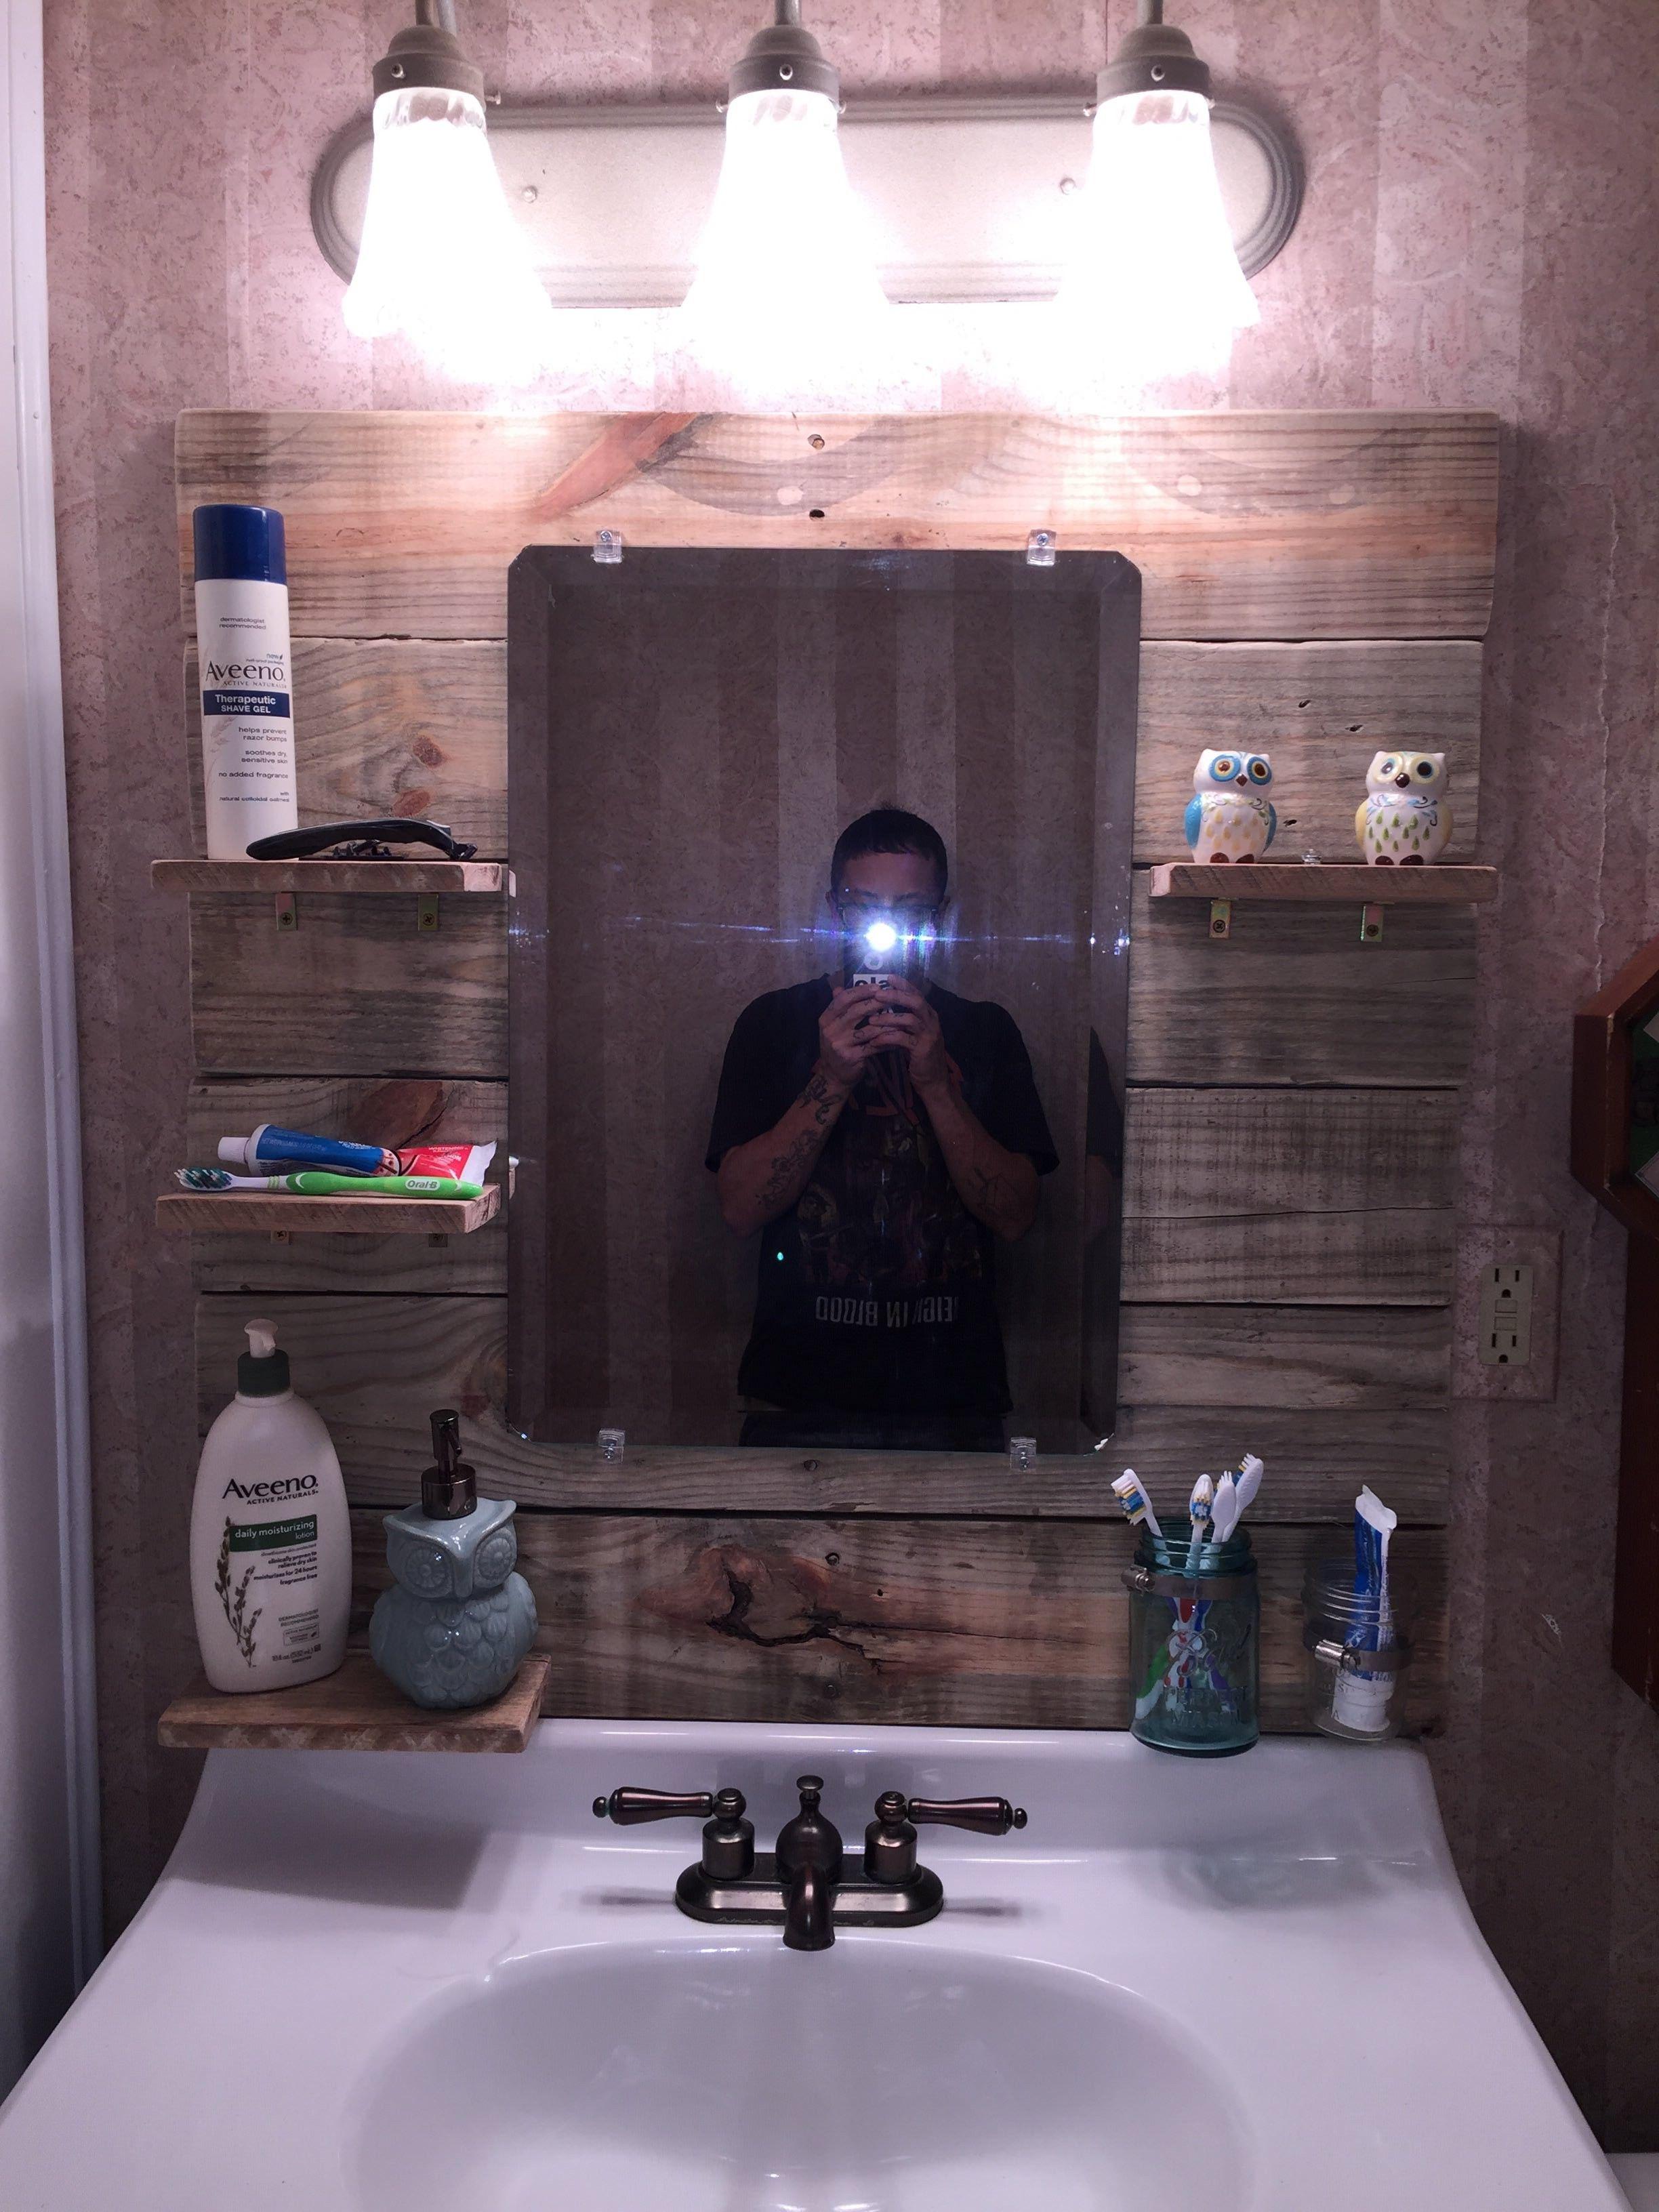 Bathroom Mirror Project Pallet Bathroom Pallet Wall